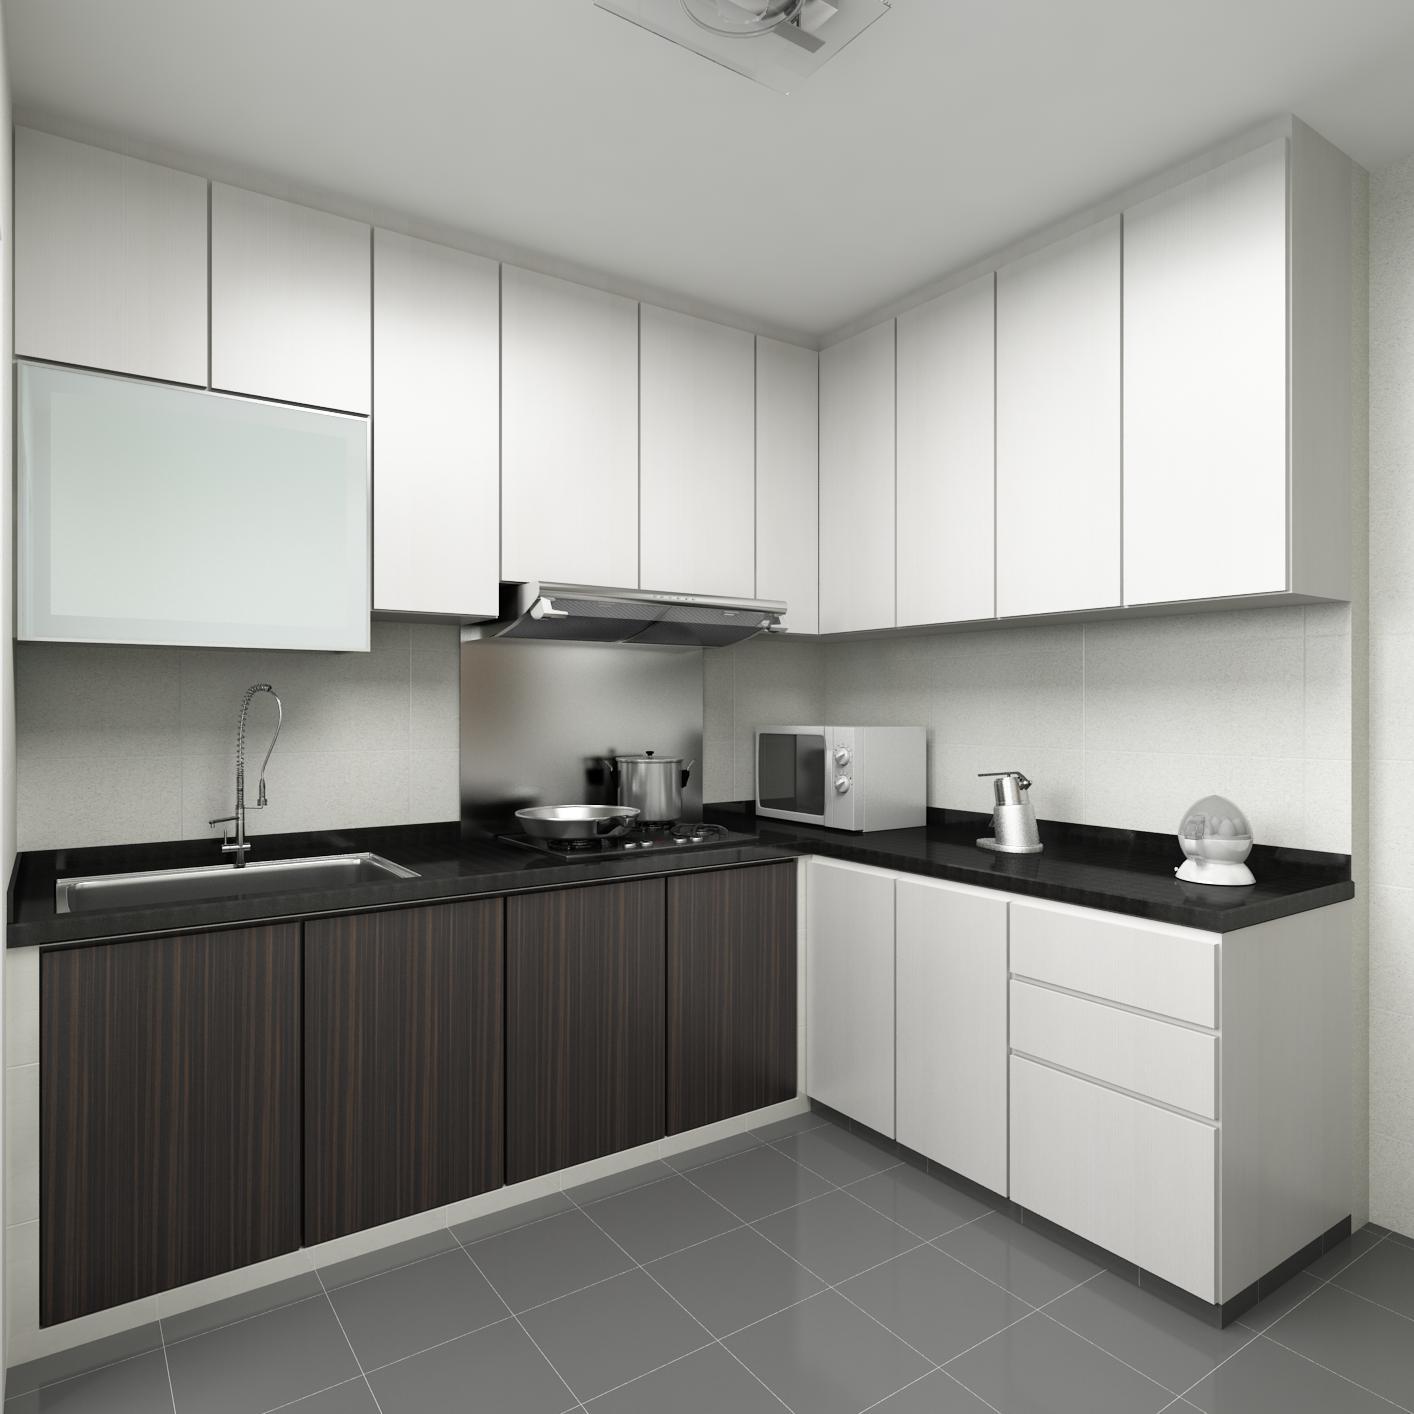 modular kitchen design delhi. In A Pigeon Hole Modular Kitchen Interior Design Top 10 Manufacturers Mayur Vihar Delhi